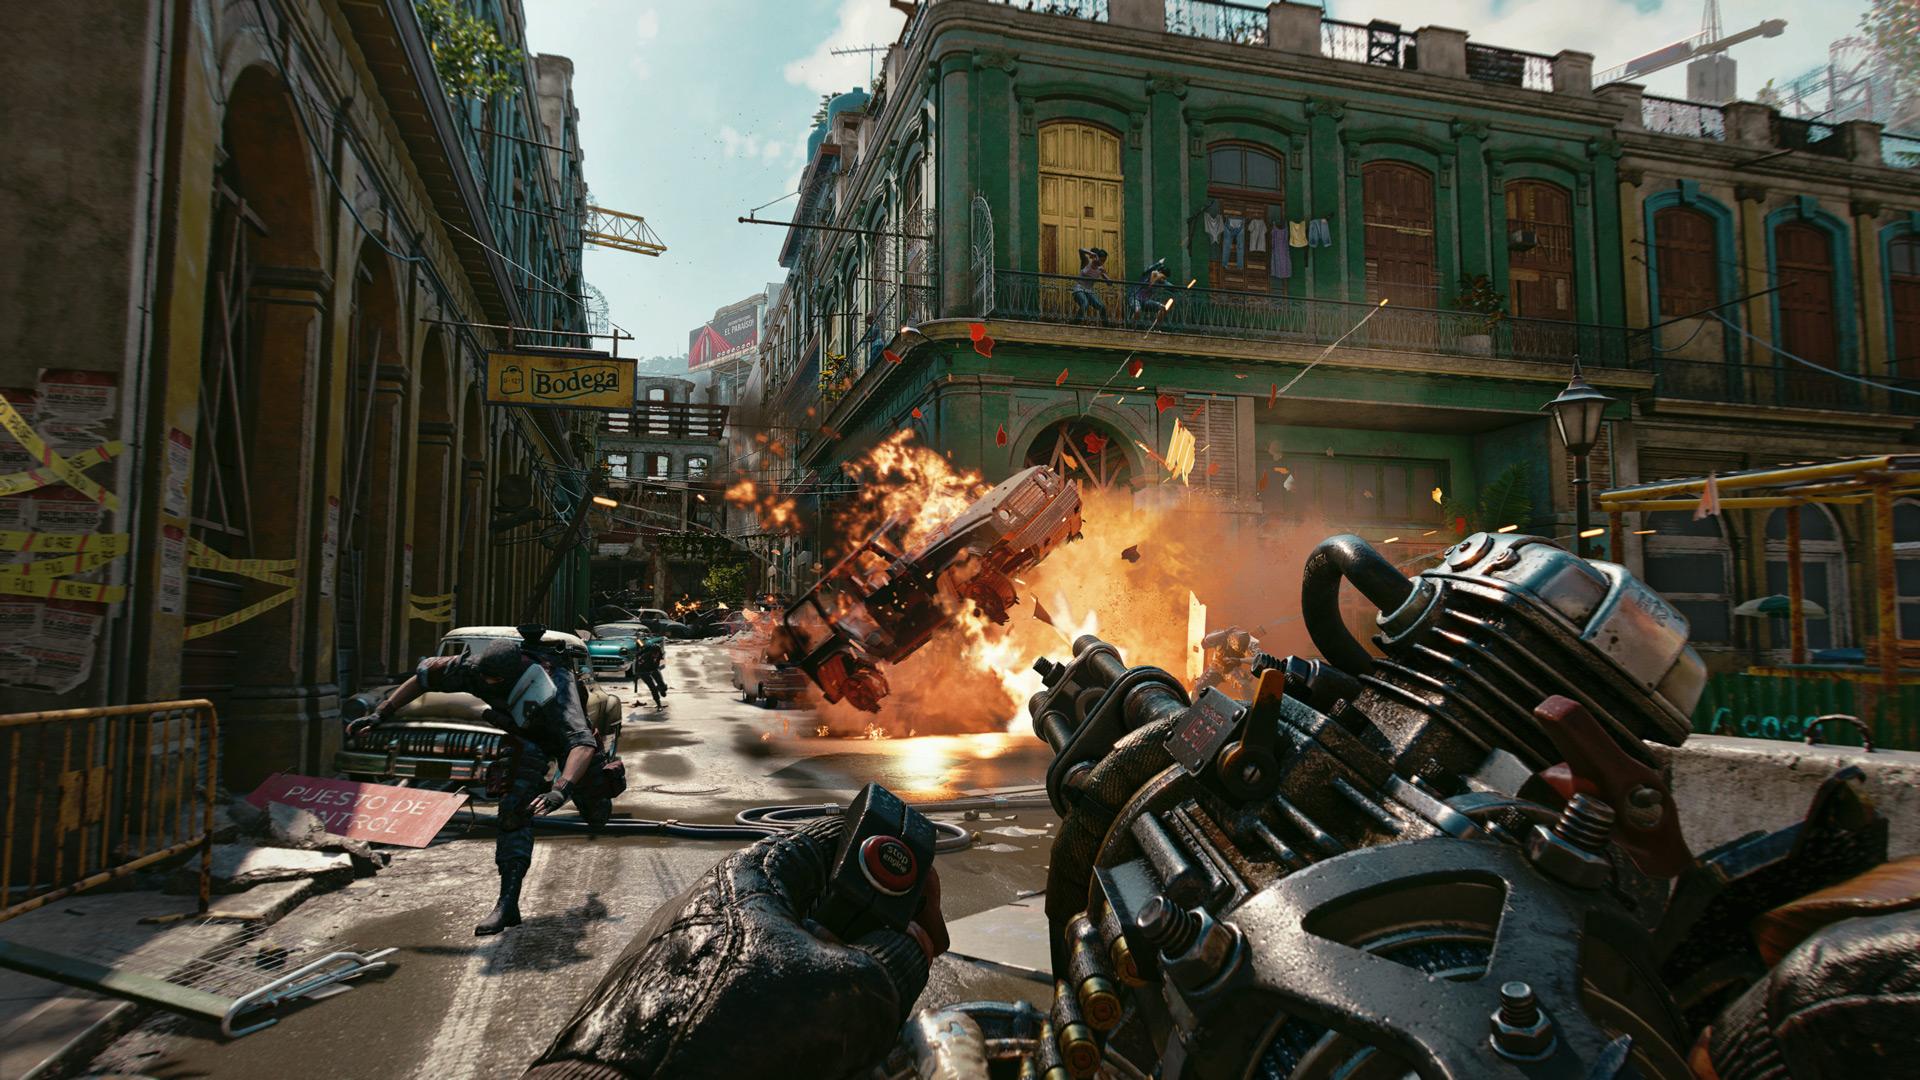 Разработчики Far Cry 6 не хотели вдохновляться реальными политическими событиями